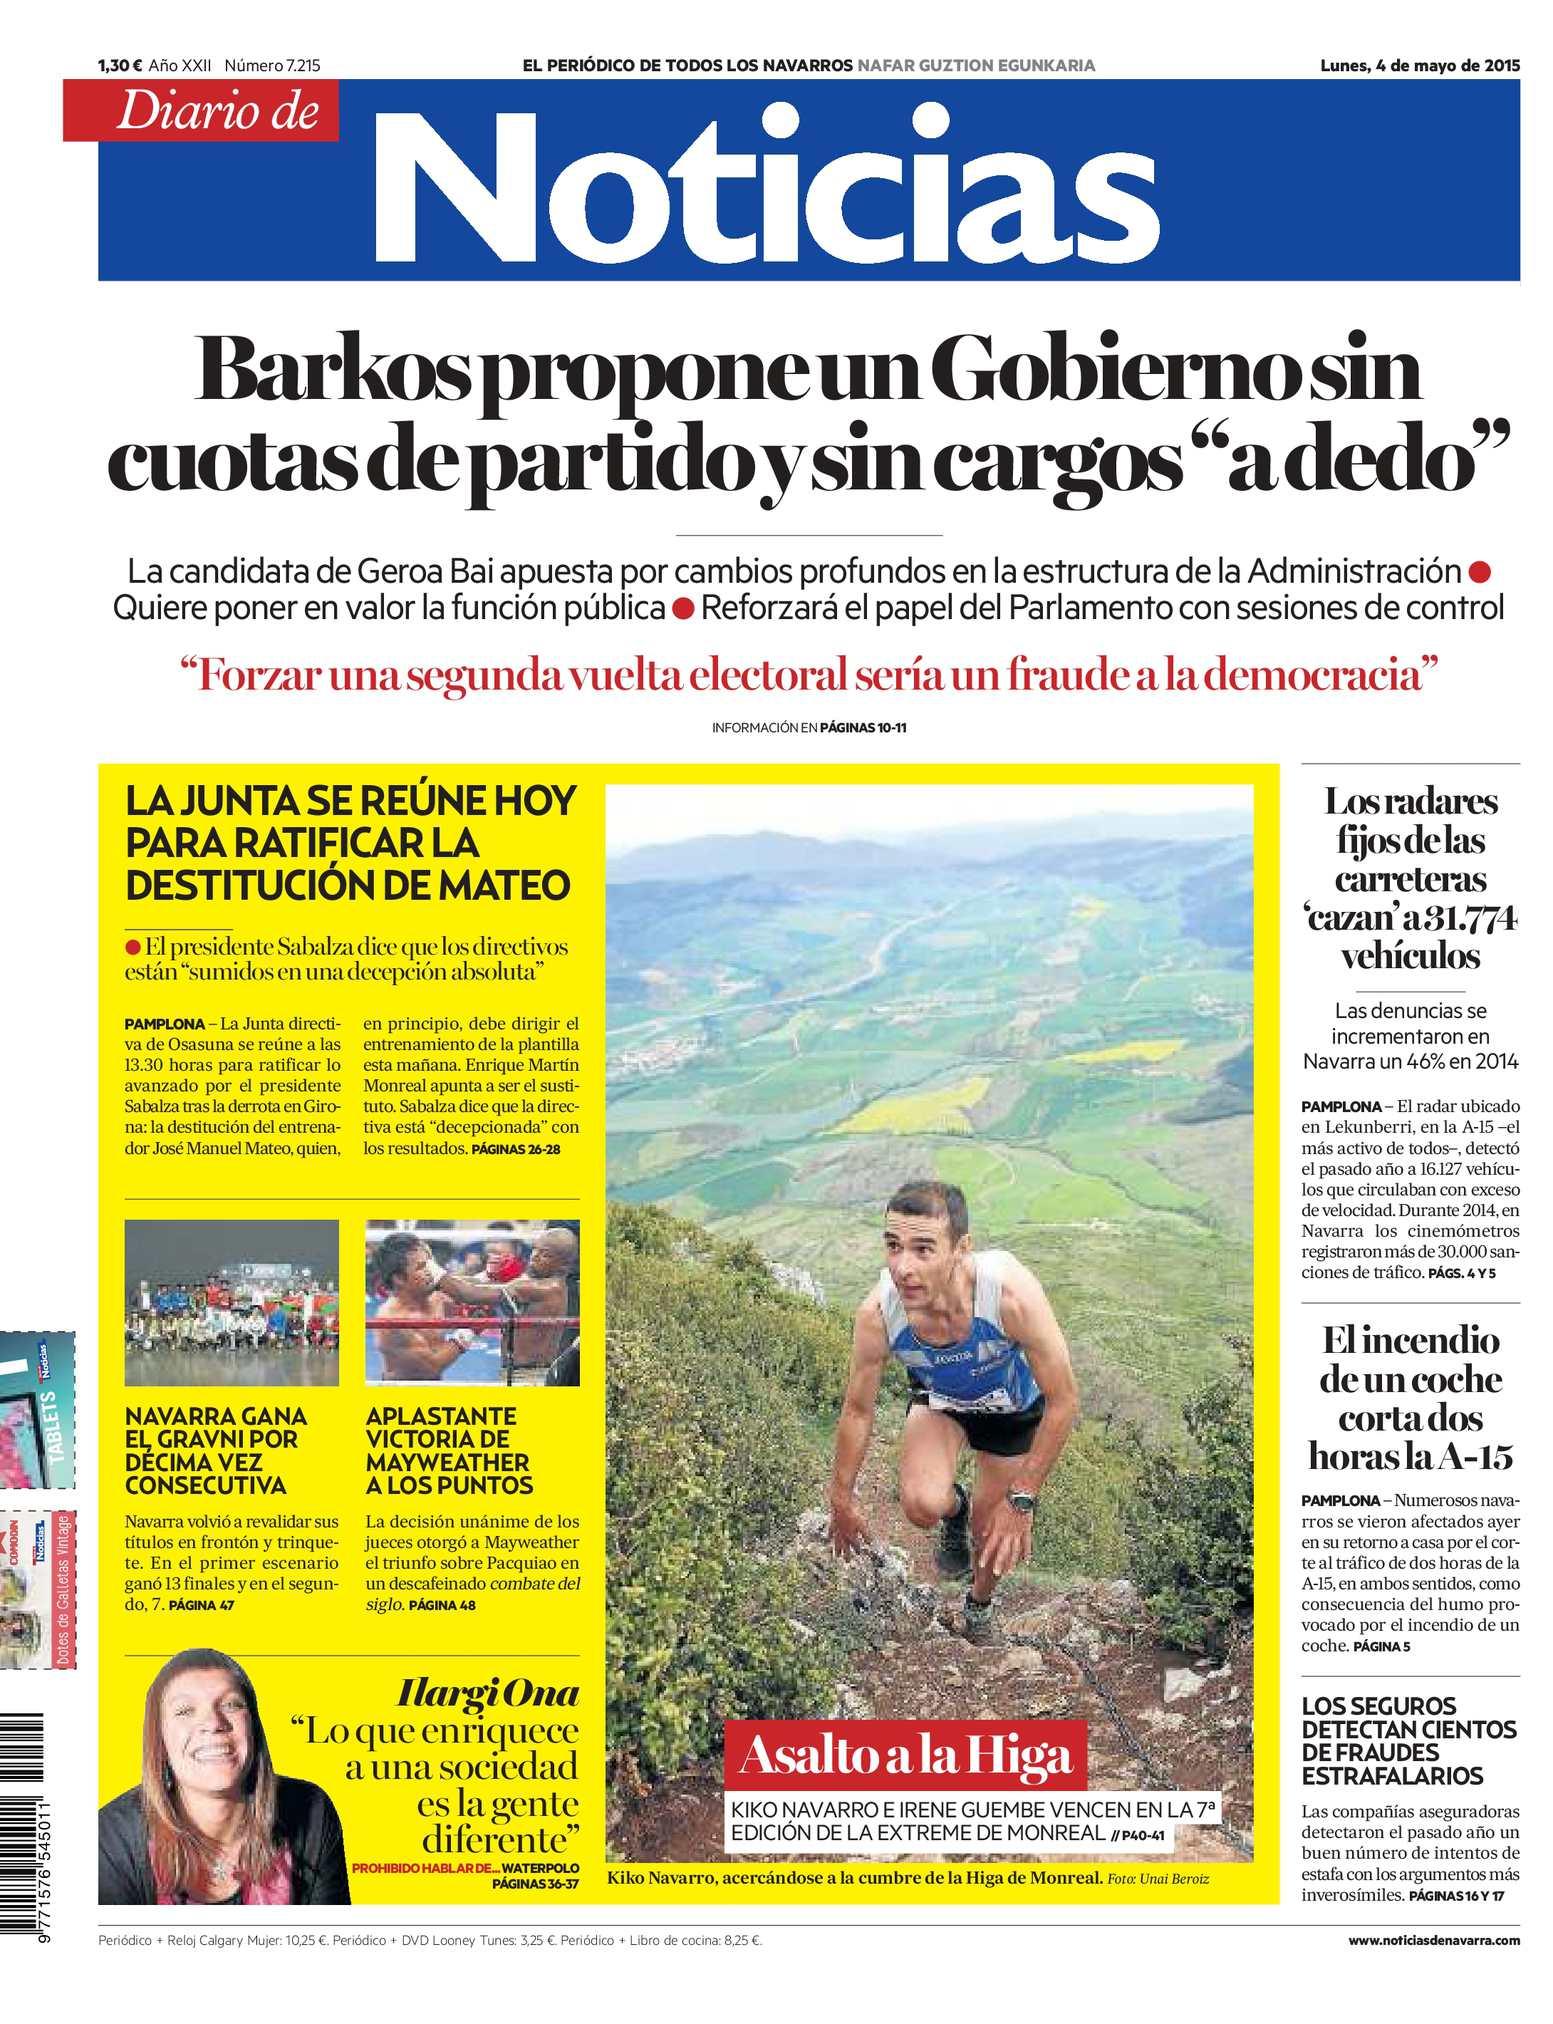 Calaméo - Diario de Noticias 20150504 f8e2340d2f82